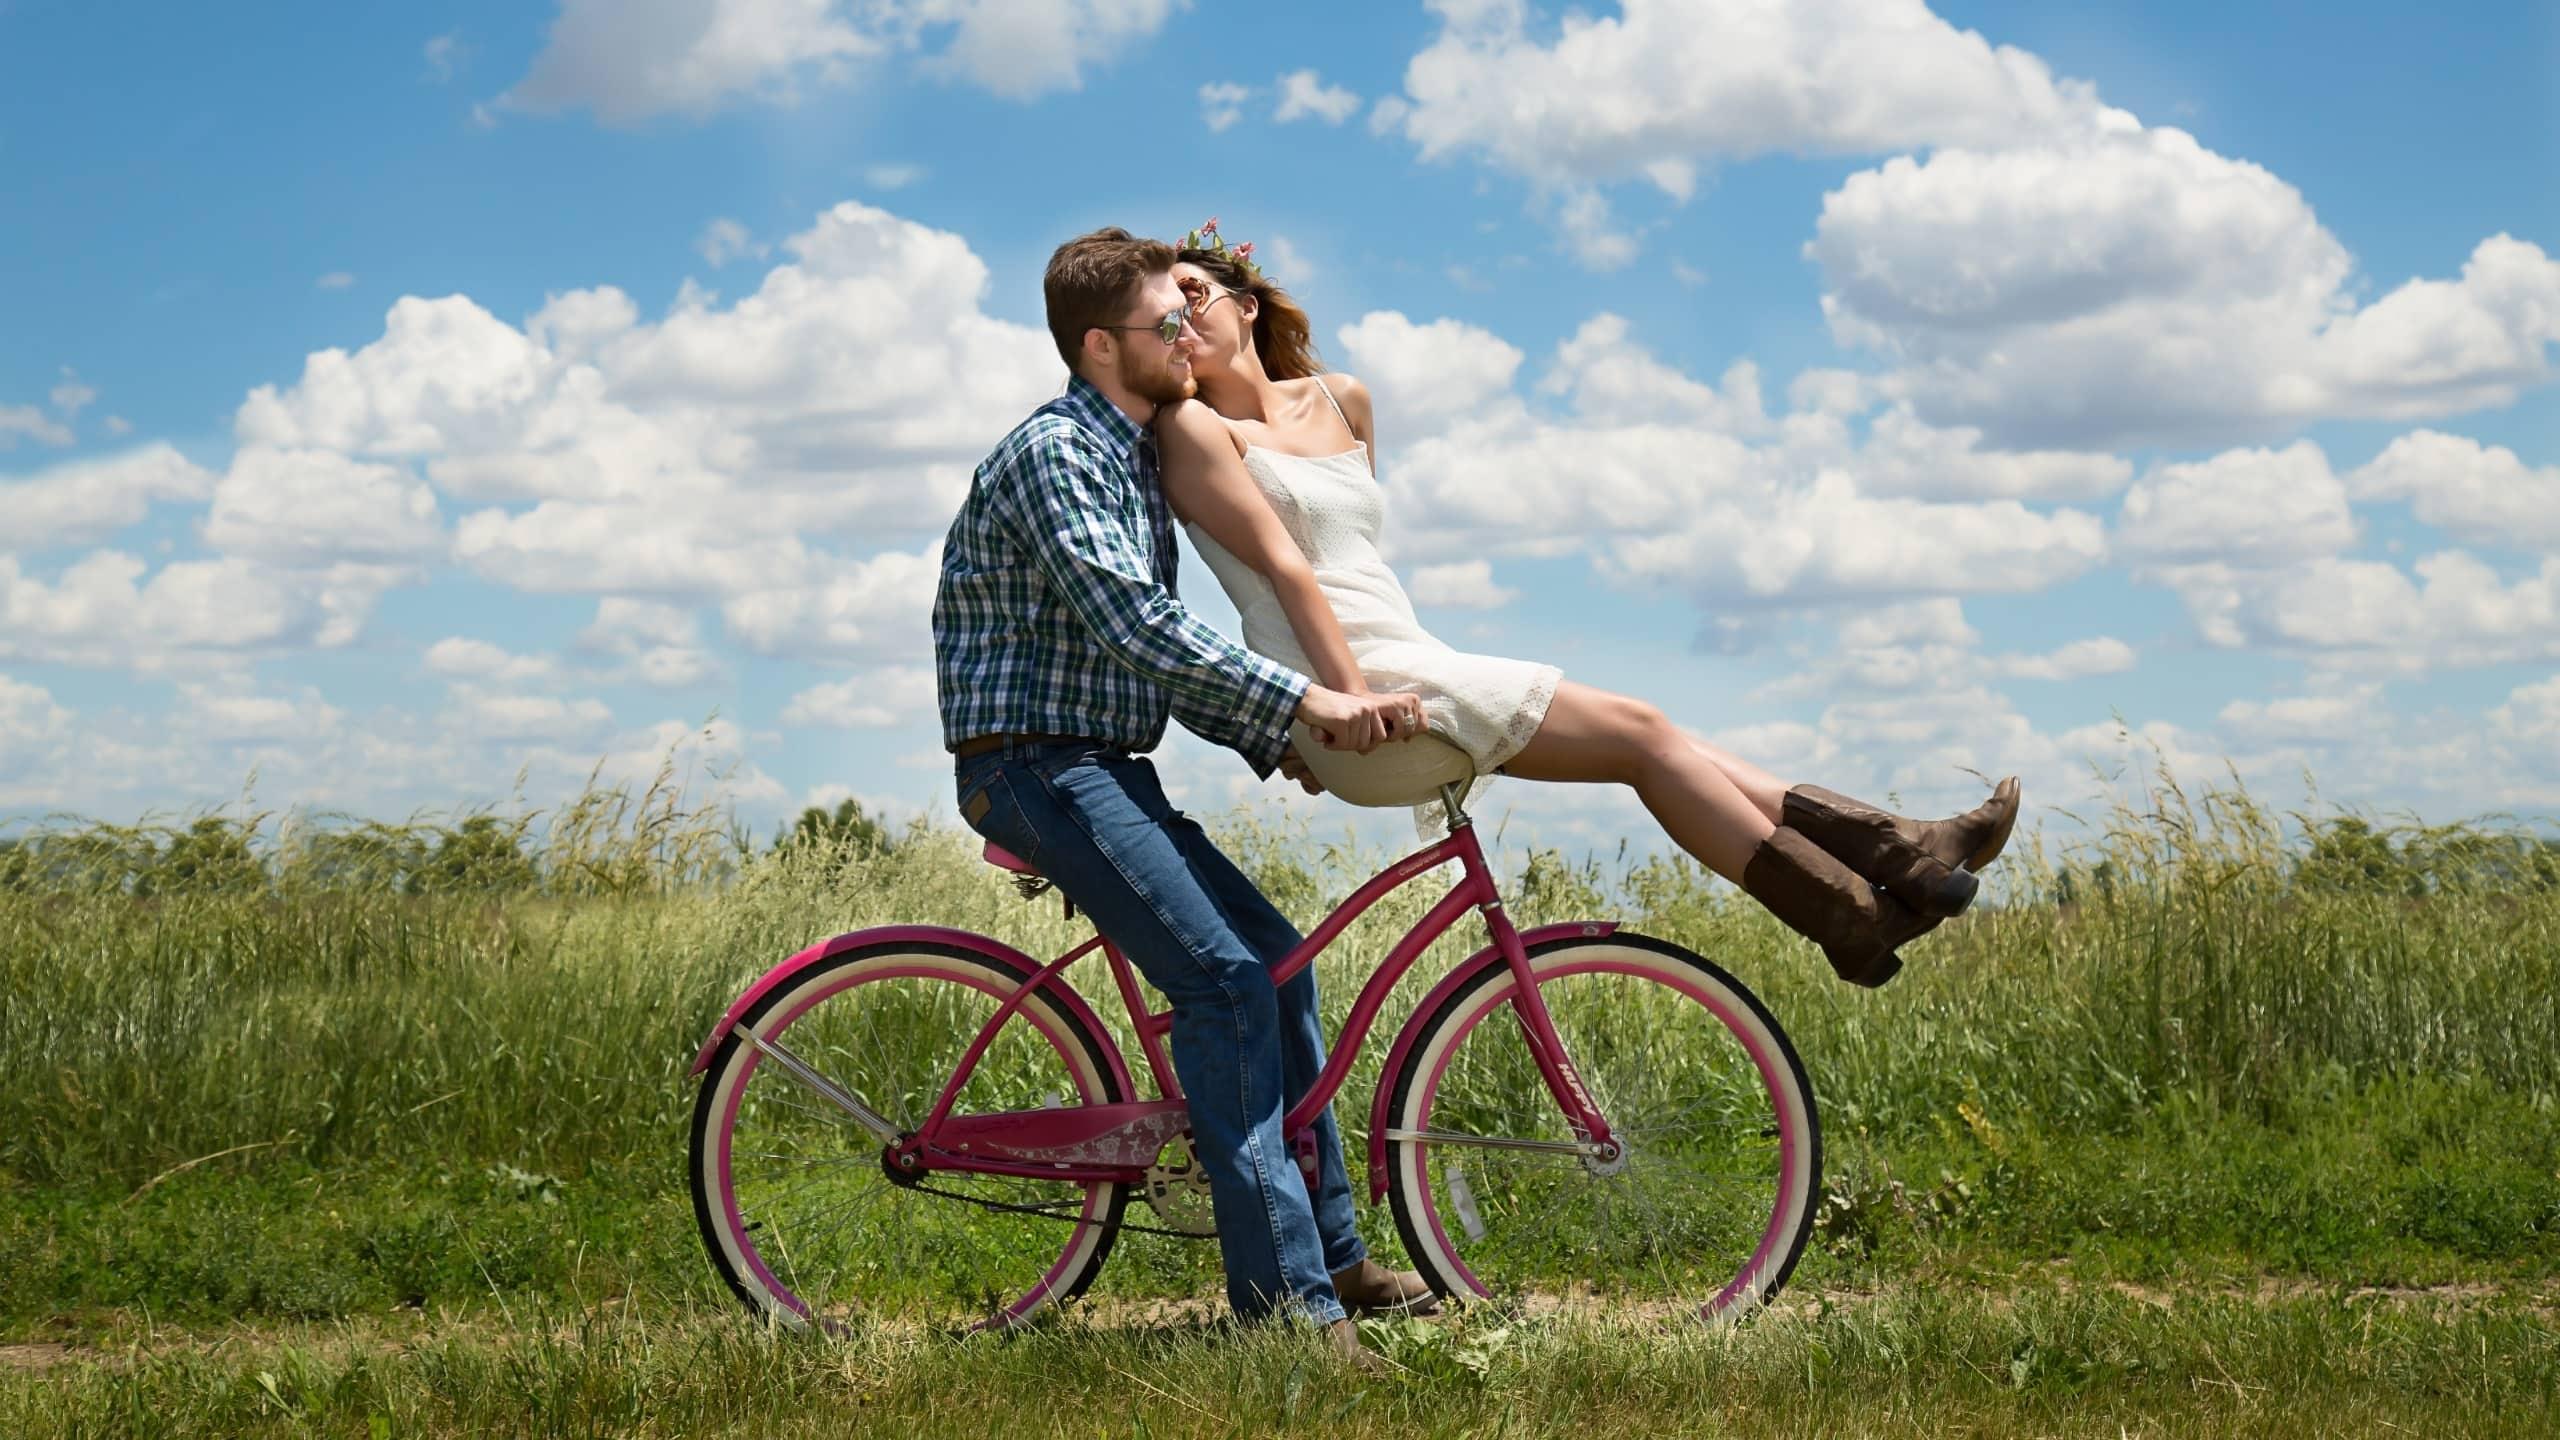 Психологи раскрыли секрет счастливого брака